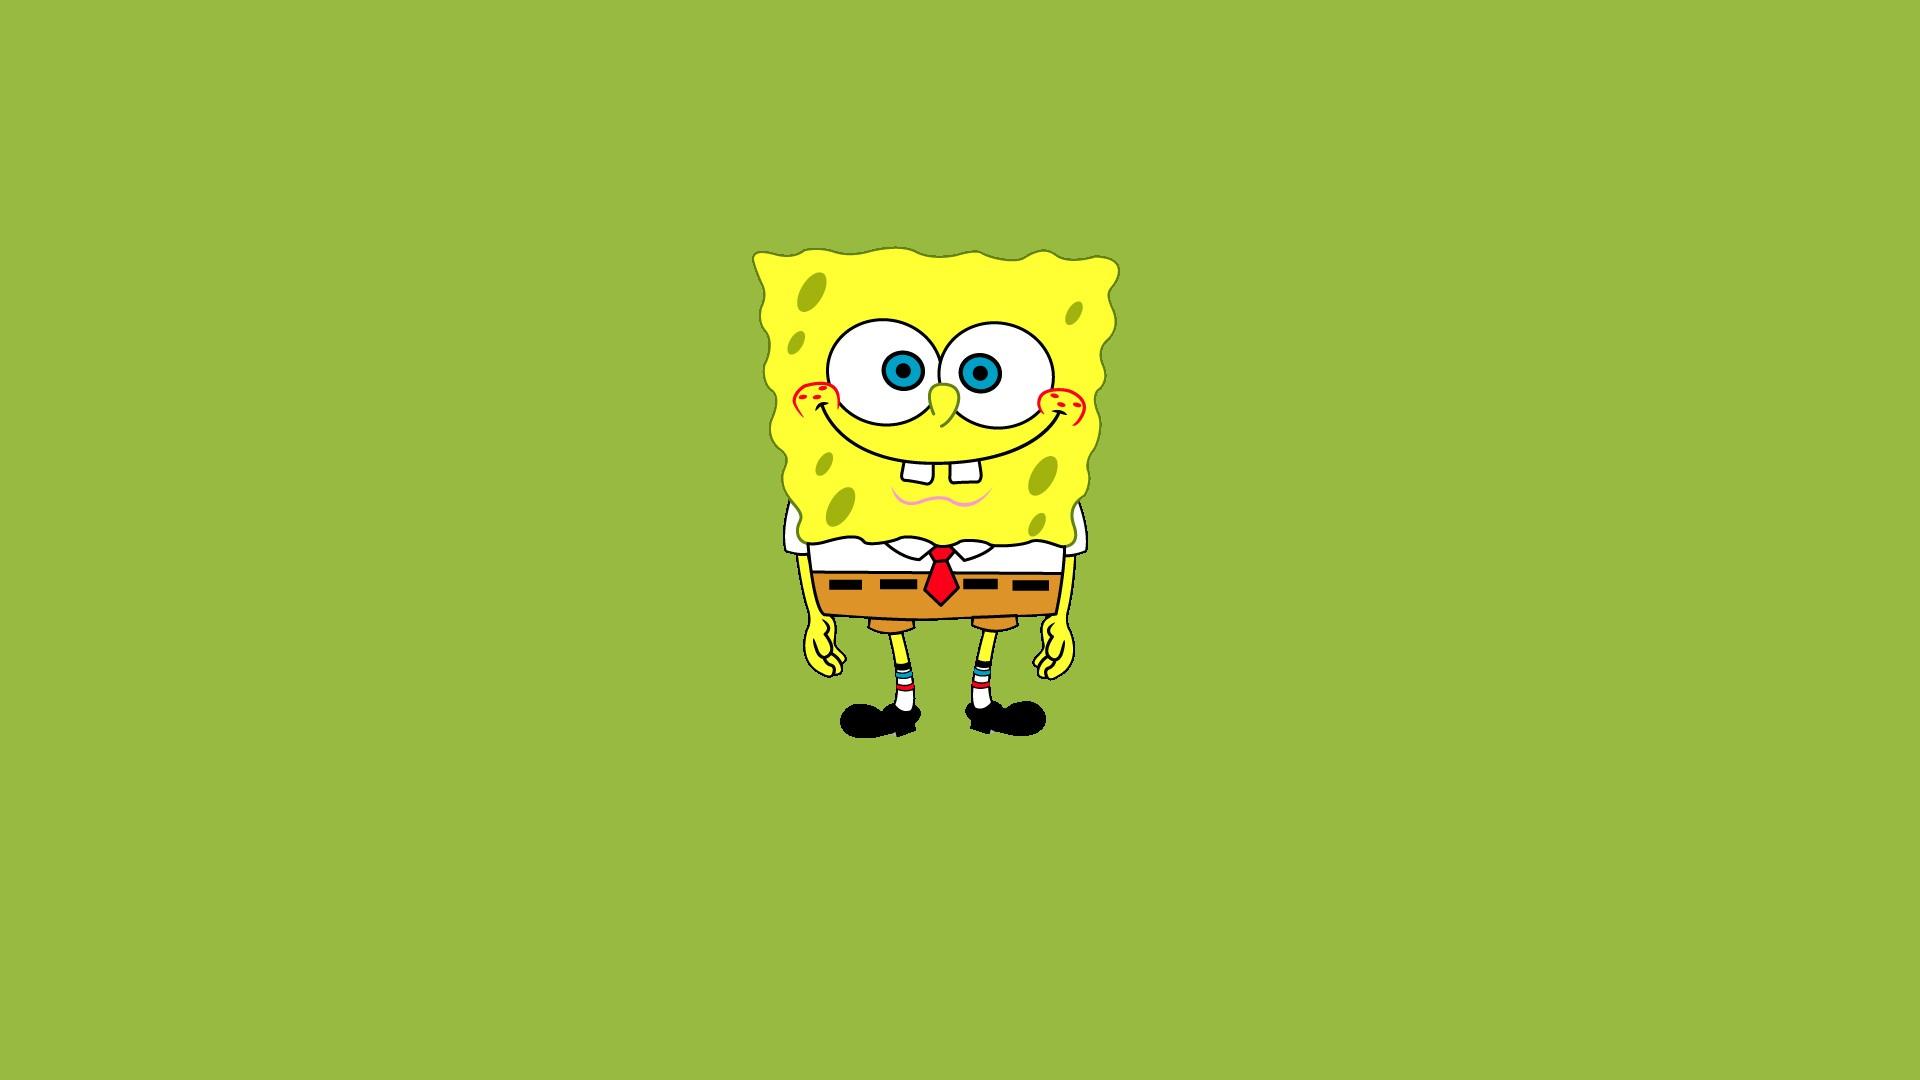 23 Hd Spongebob Squarepants Wallpapers